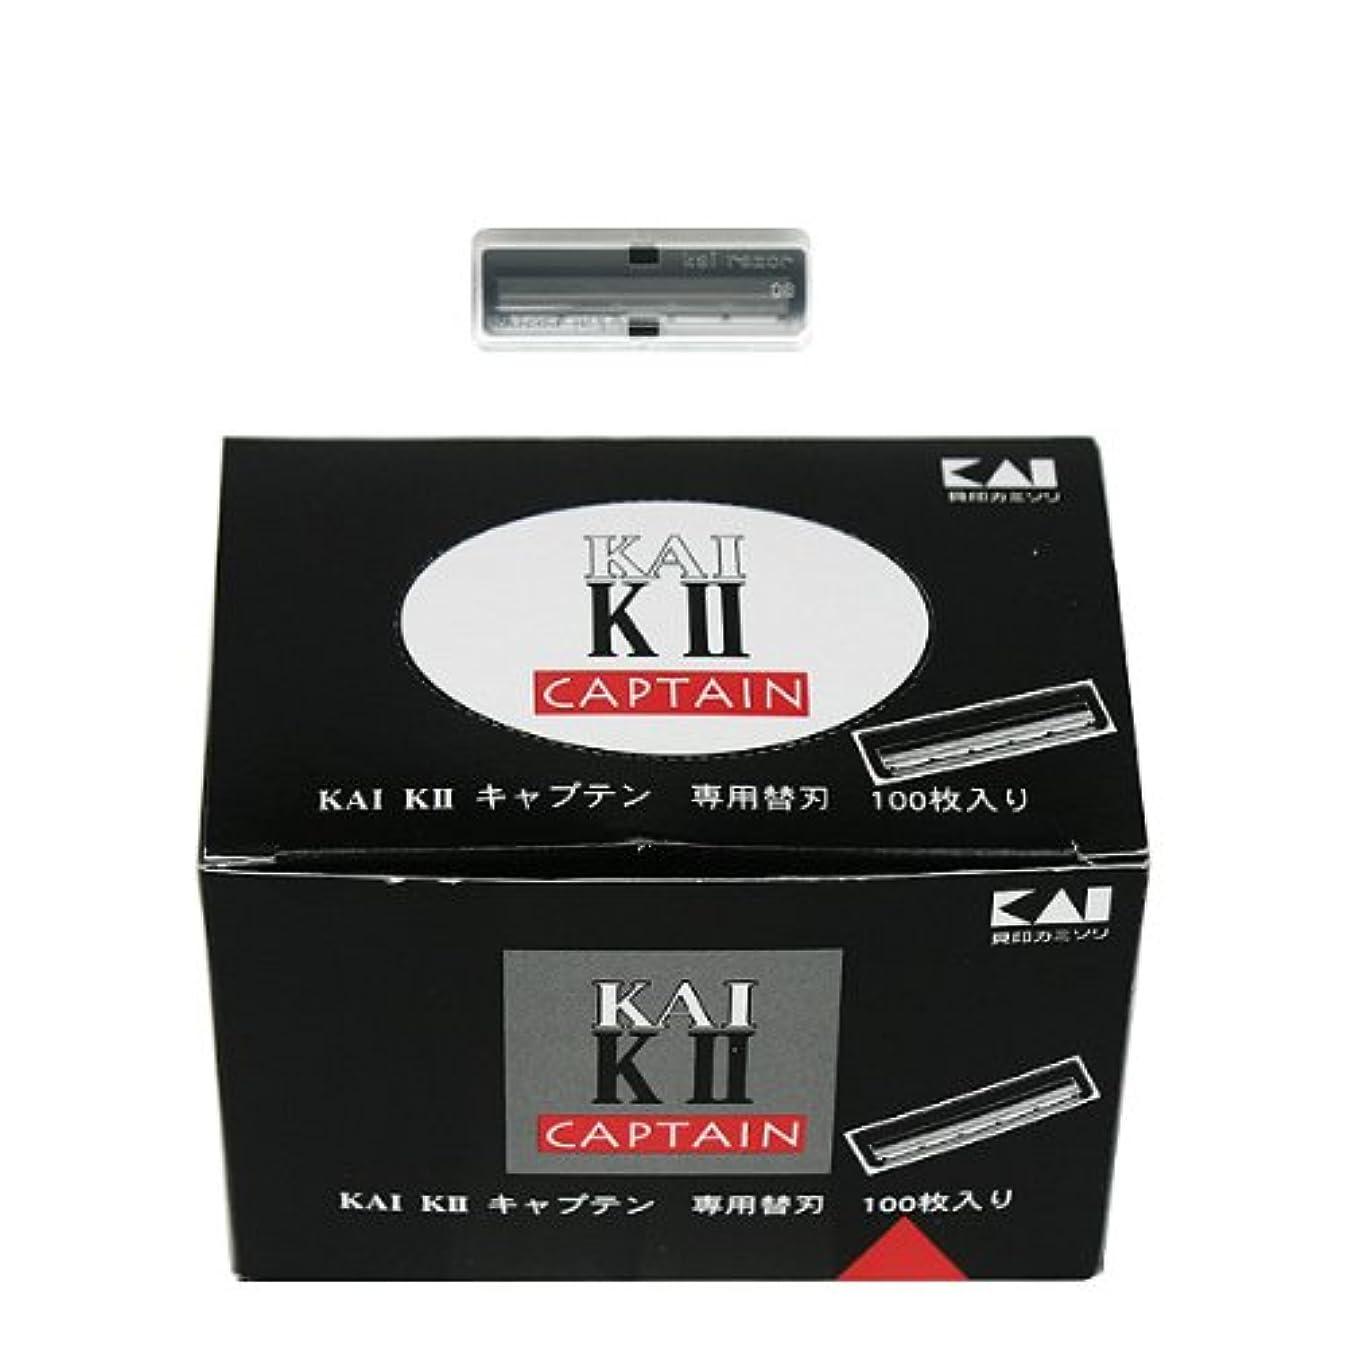 ライオネルグリーンストリート正しくシャツ貝印カミソリ KAI K2キャプテン 専用替刃 BーCAP 100枚入